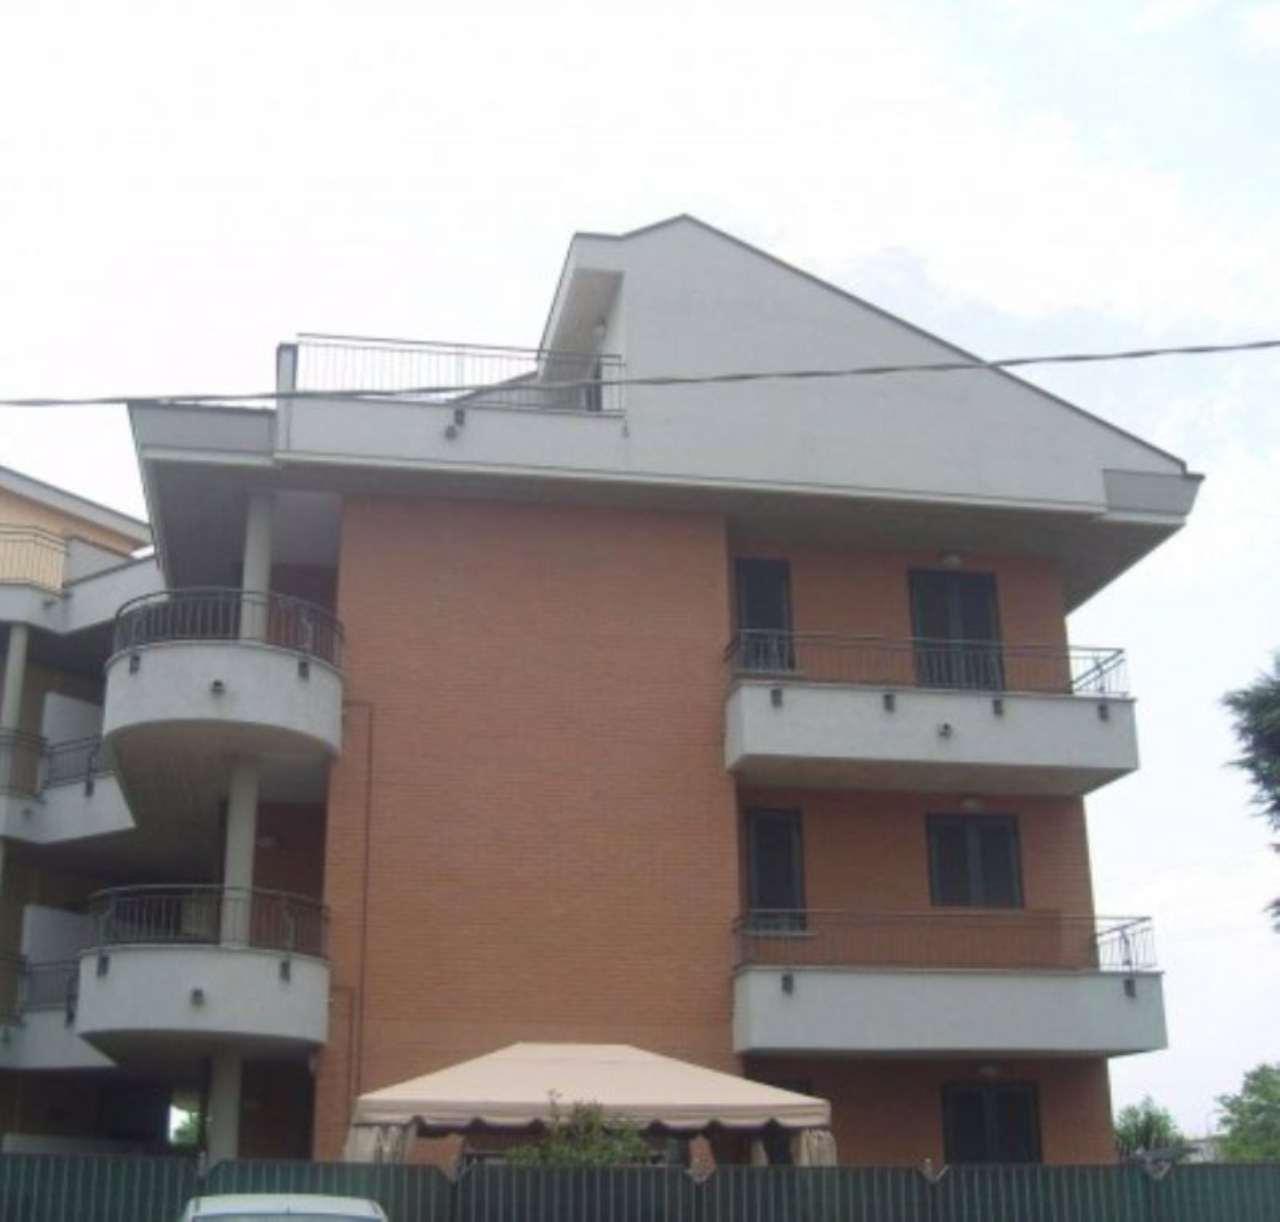 Attico / Mansarda in vendita a Desio, 5 locali, prezzo € 310.000 | Cambio Casa.it